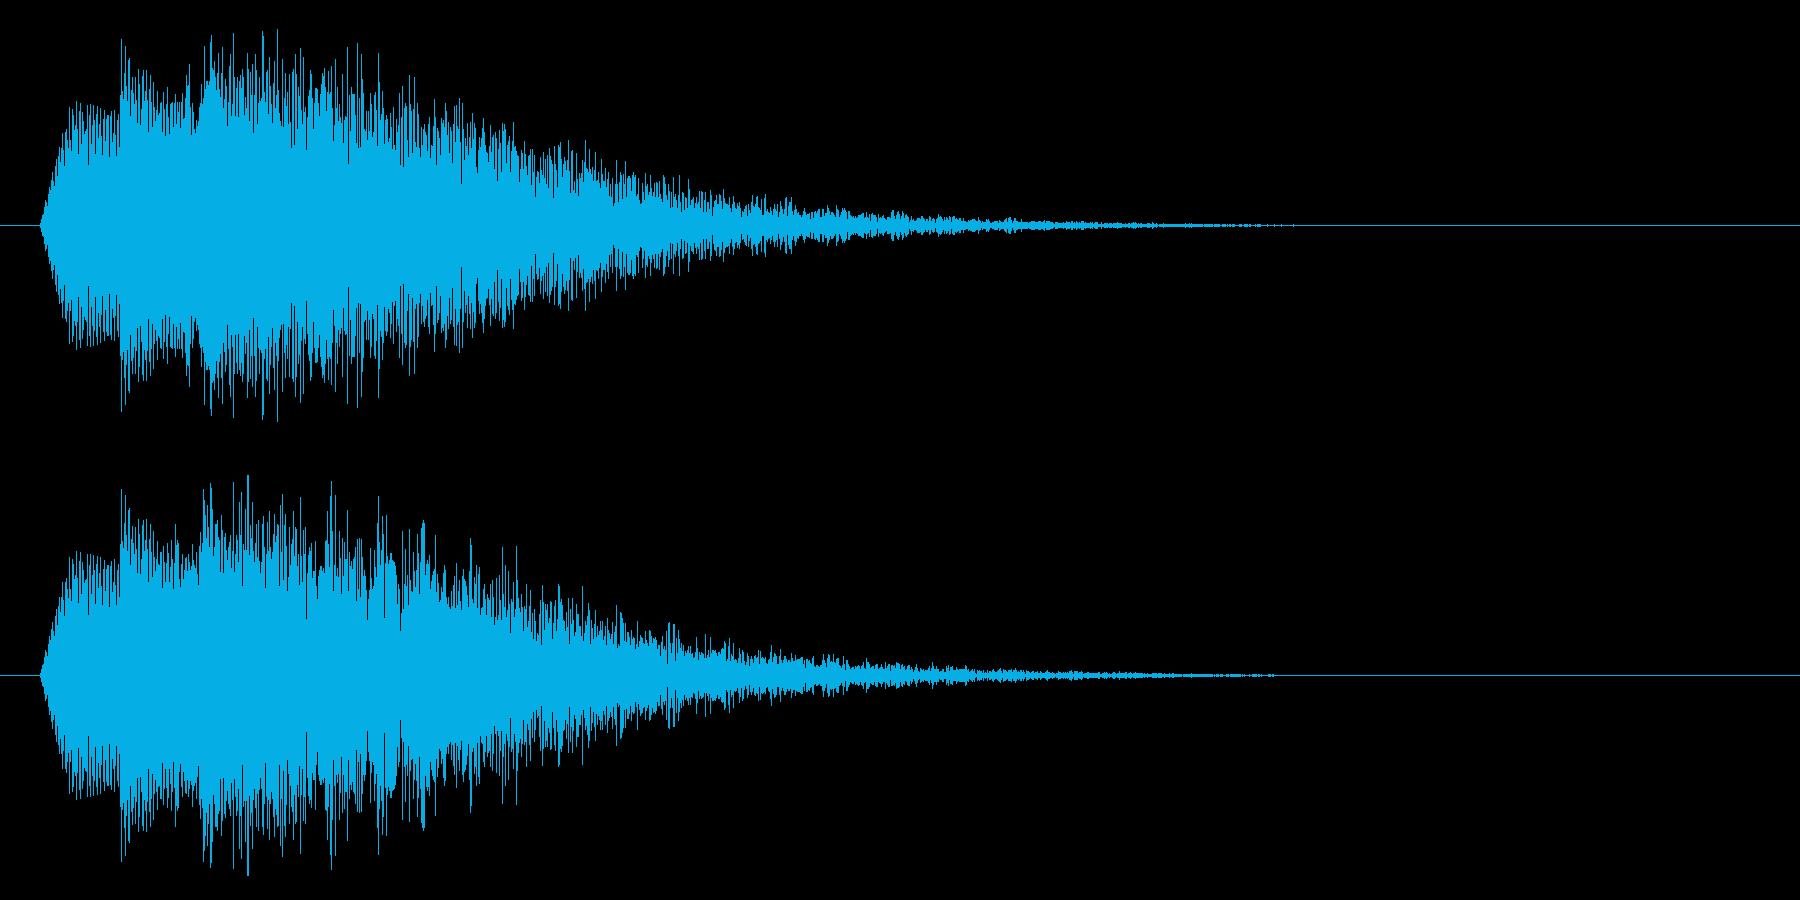 流れ星/流星/コロコロ/かわいいの再生済みの波形